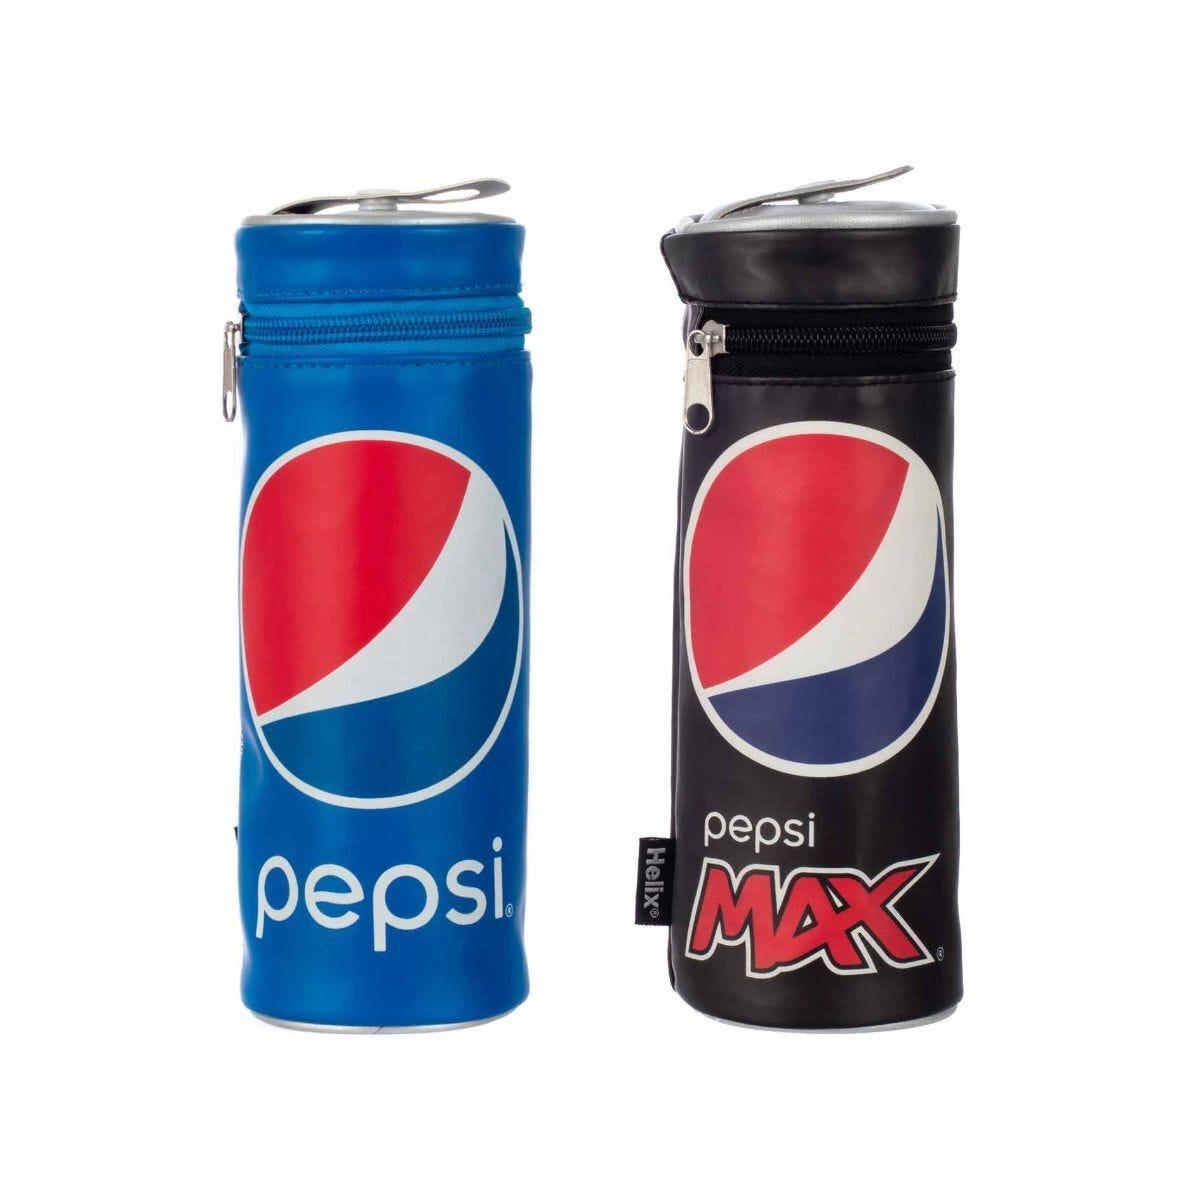 Pepsi and Pepsi Max Pencil Case